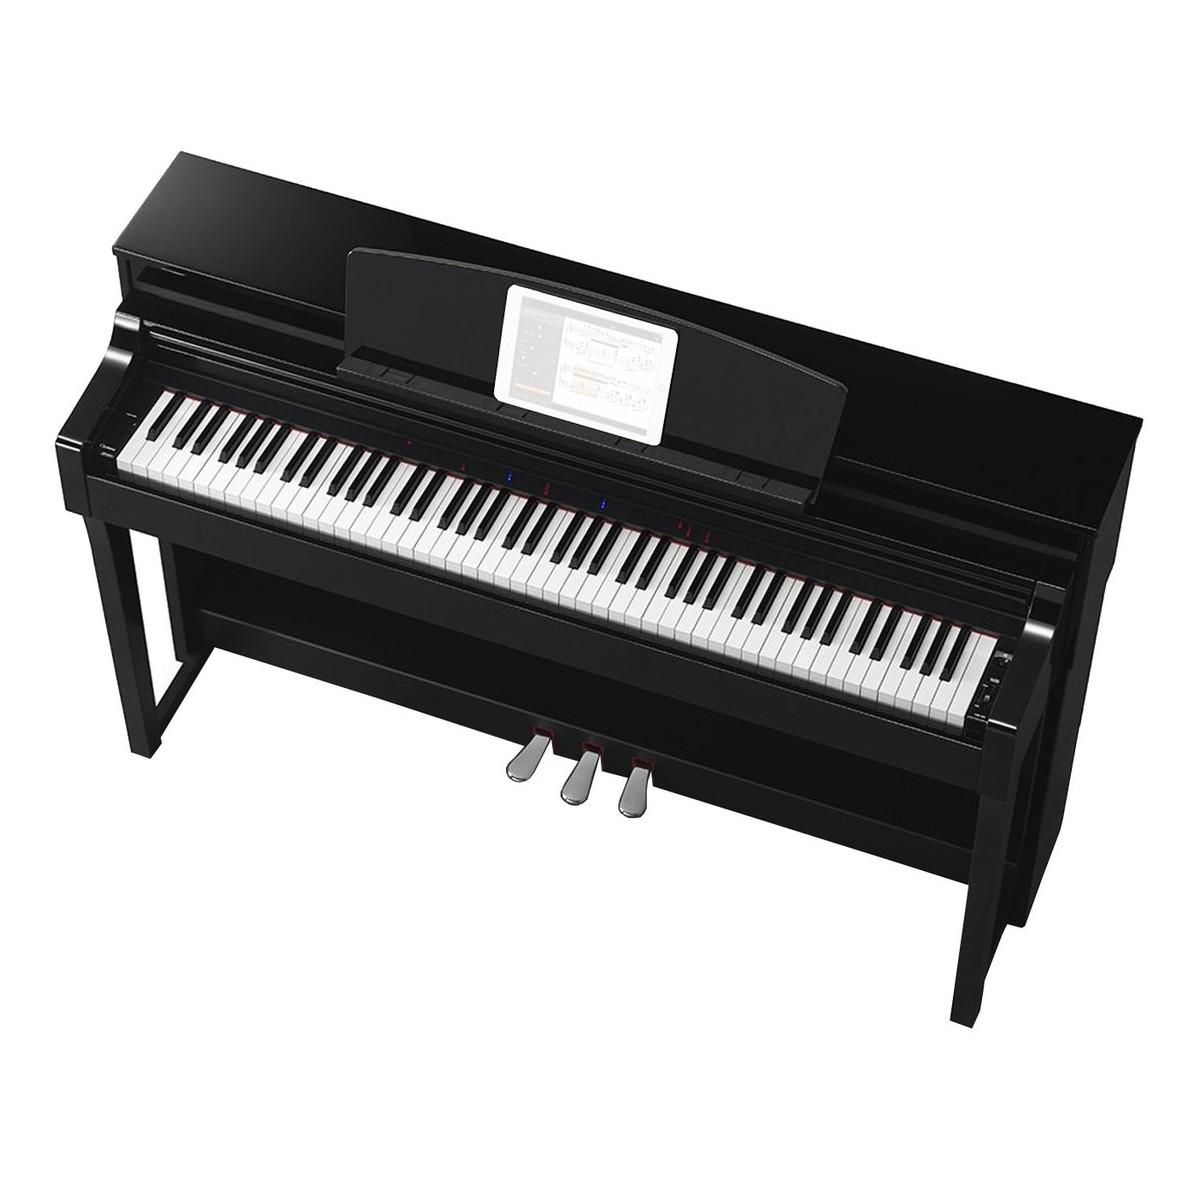 yamaha clavinova csp 170 digital piano polished ebony at On yamaha clp 170 price